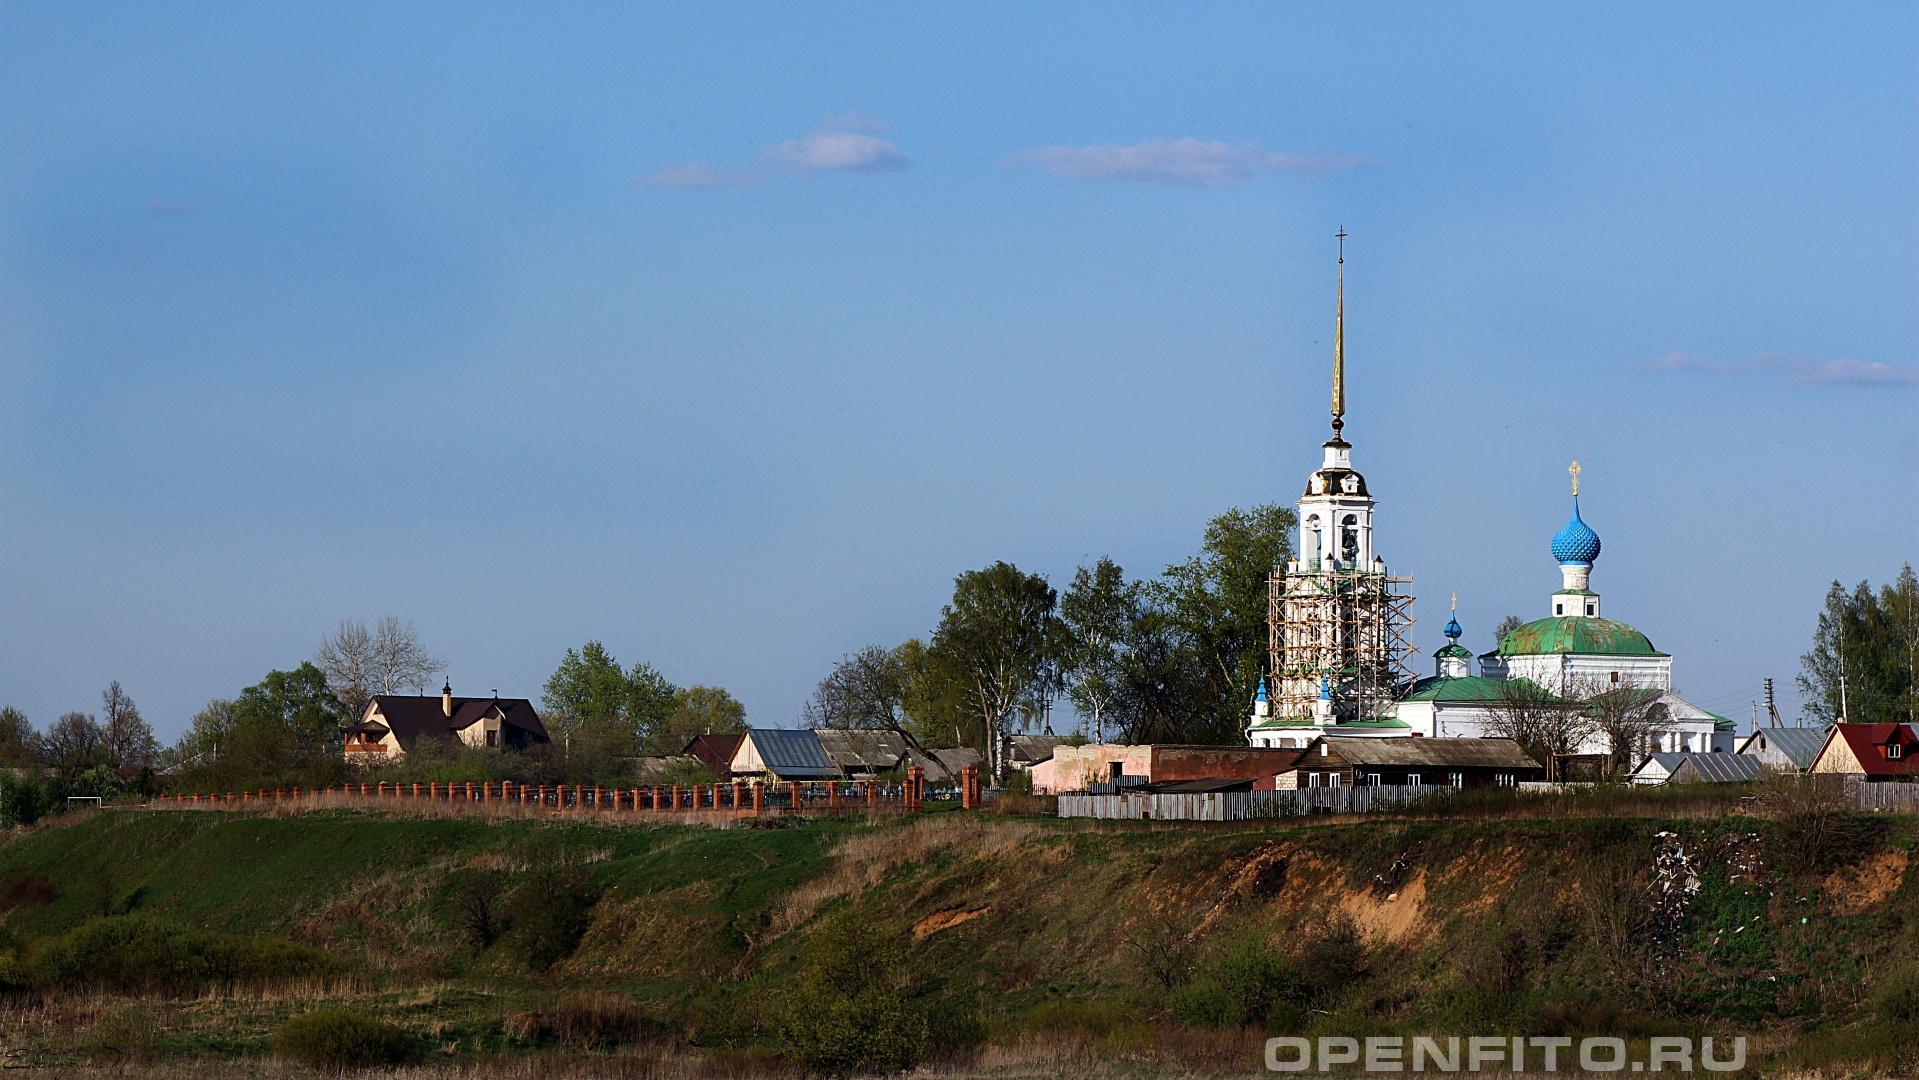 Церковь Усекновения главы Иоанна Предтечи Ивановская область. село Кибергино.